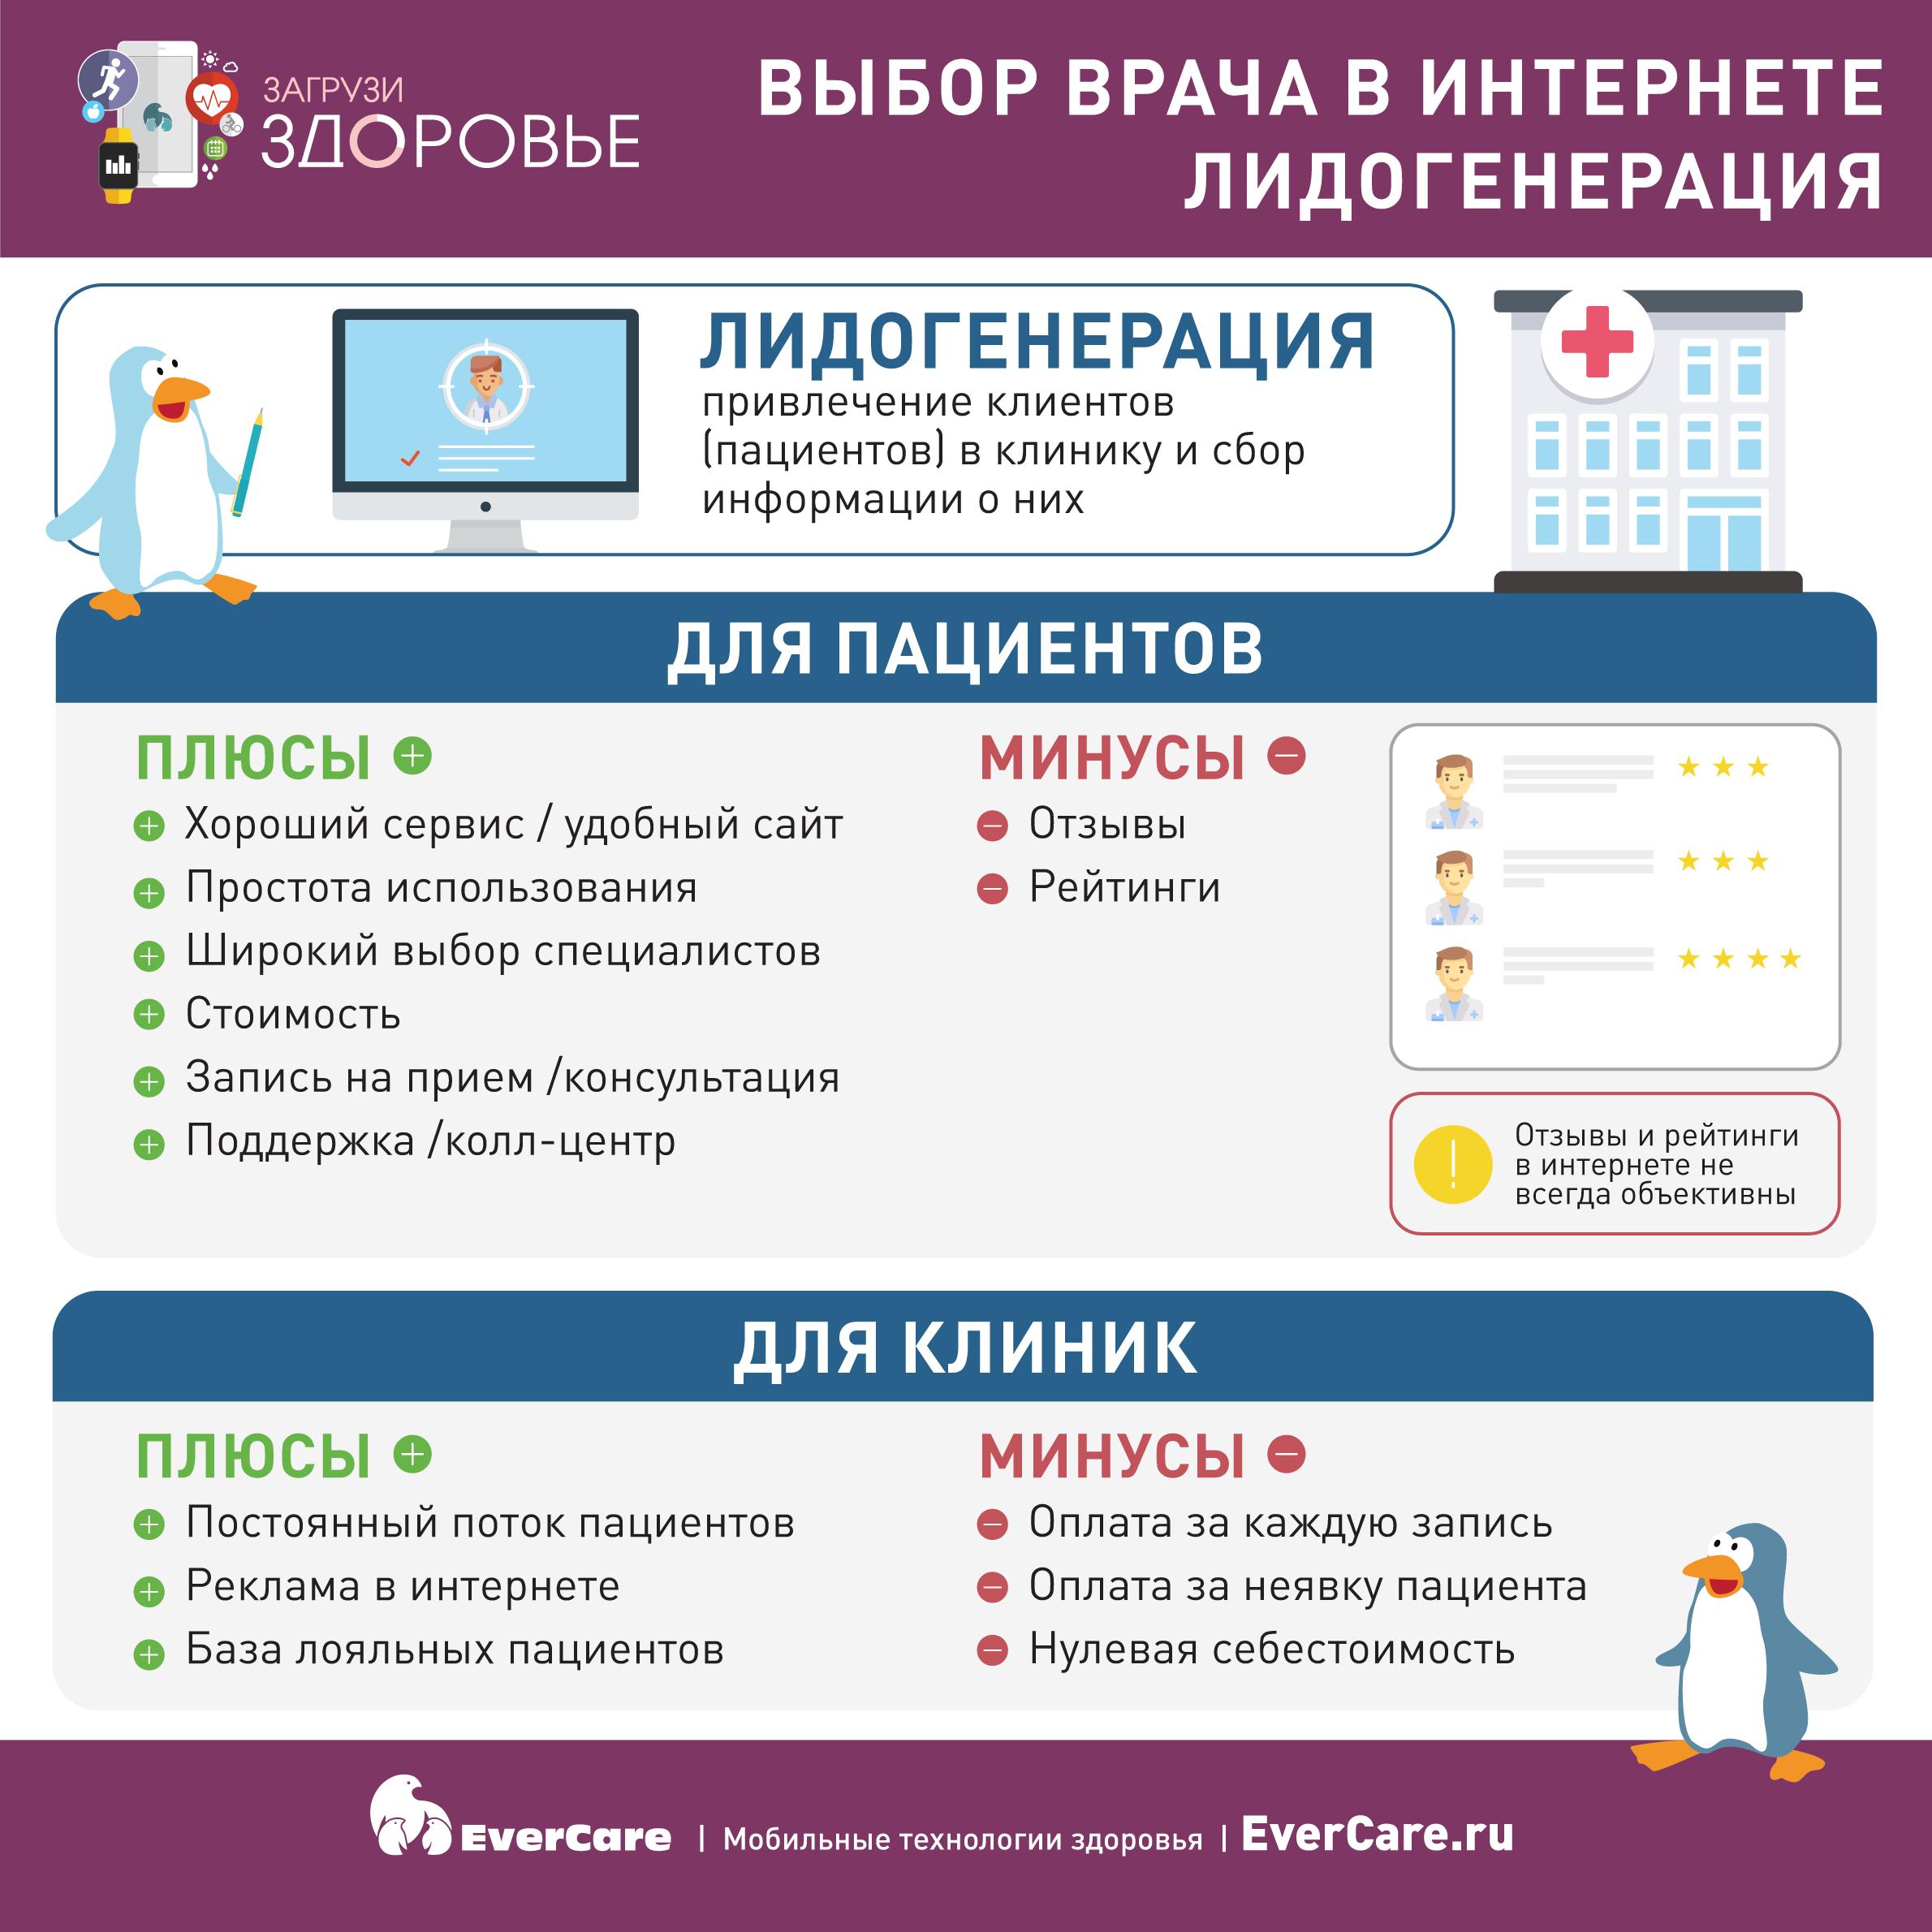 Выбор врача в интернете. Лидогенерация. Инфографика